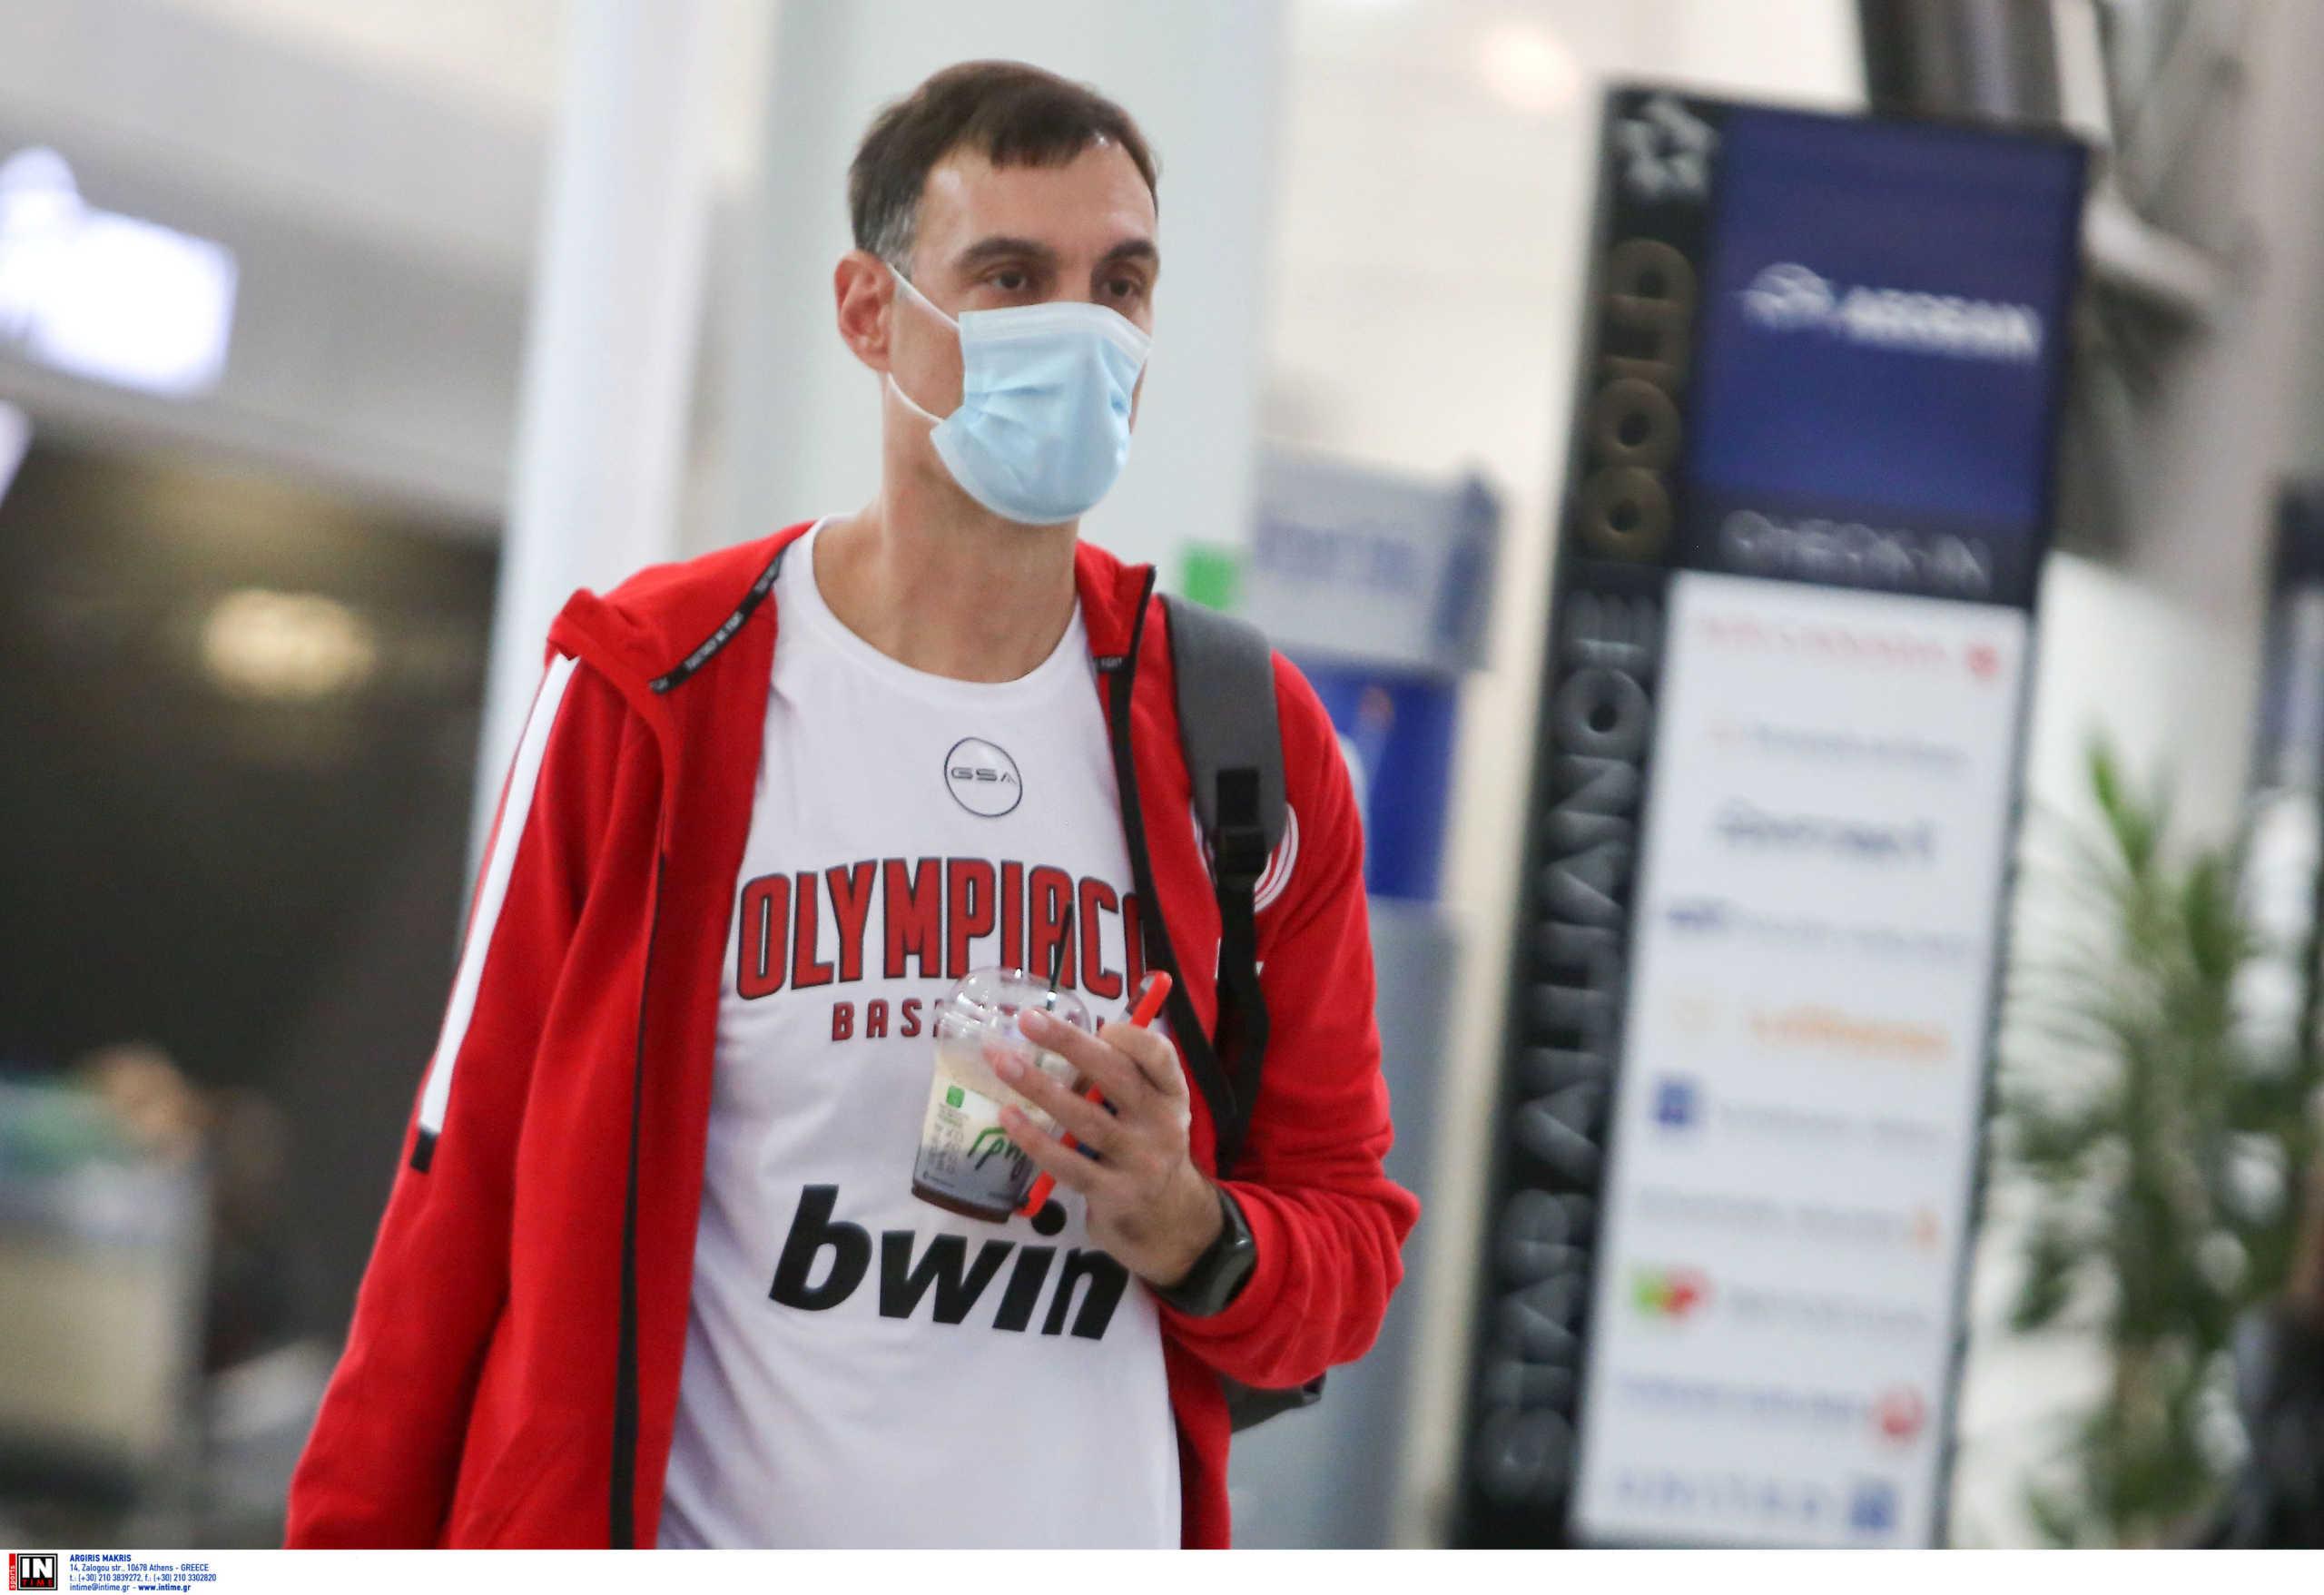 Ολυμπιακός: «Η Βαλένθια παίζει τελικό με εμάς» δήλωσε ο Μπαρτζώκας